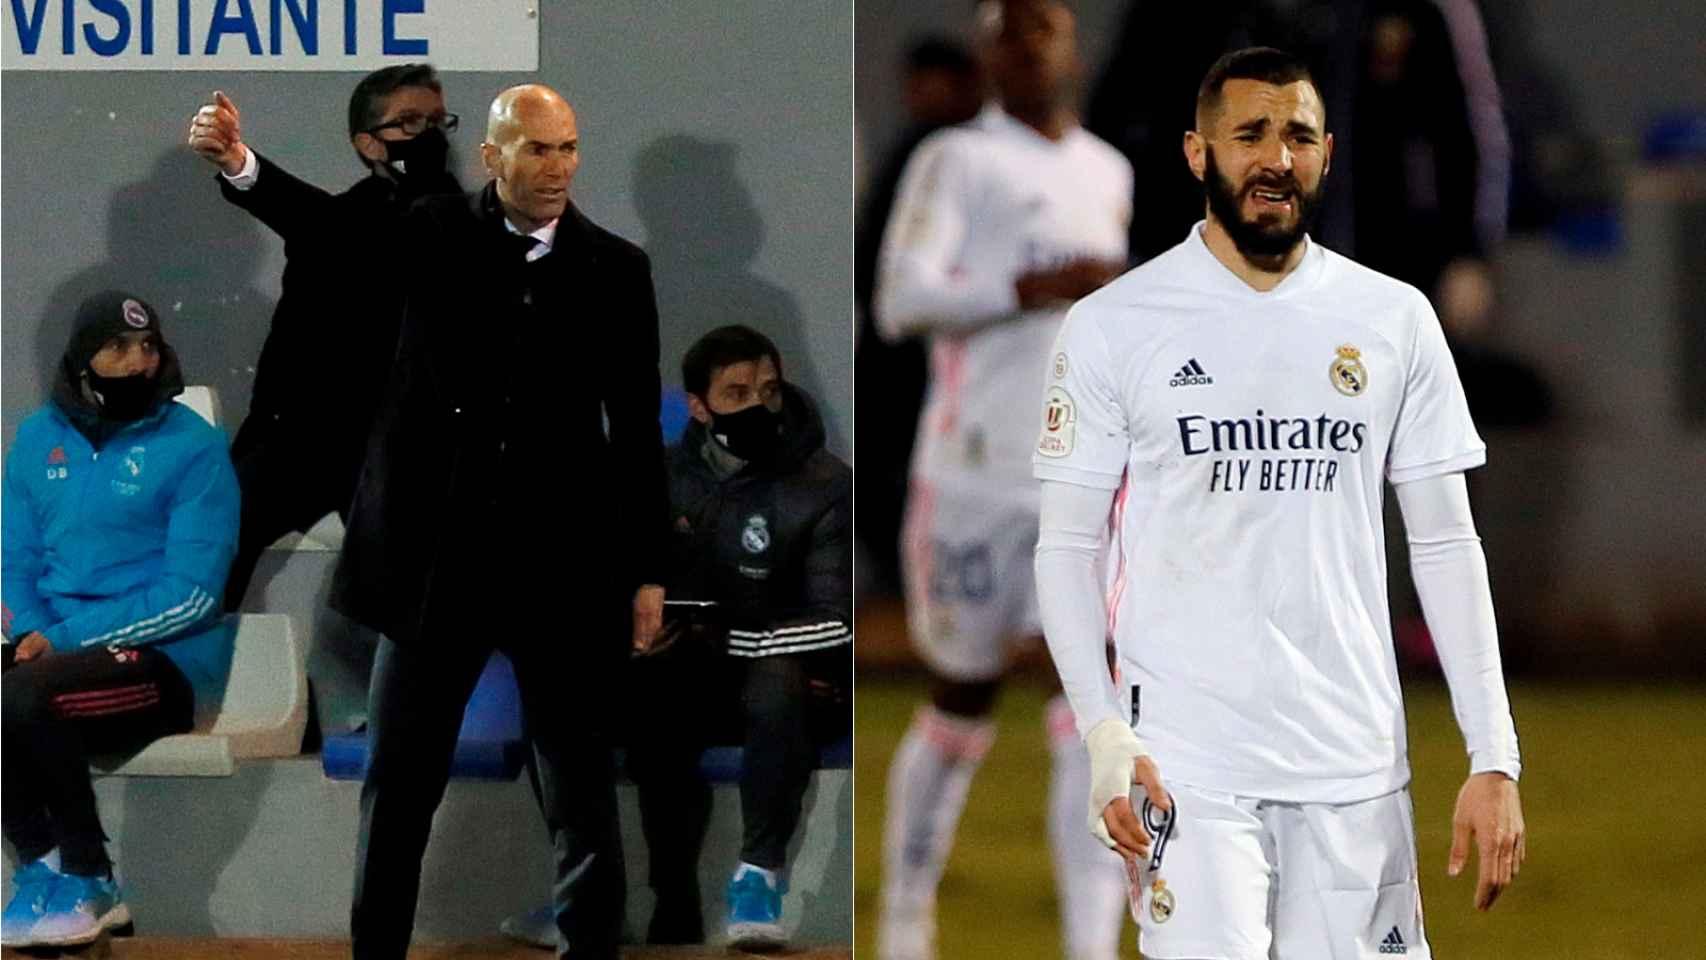 Las imágenes del mundo del deporte: el fracaso del Real Madrid en la Copa del Rey que deja muy tocado a Zidane